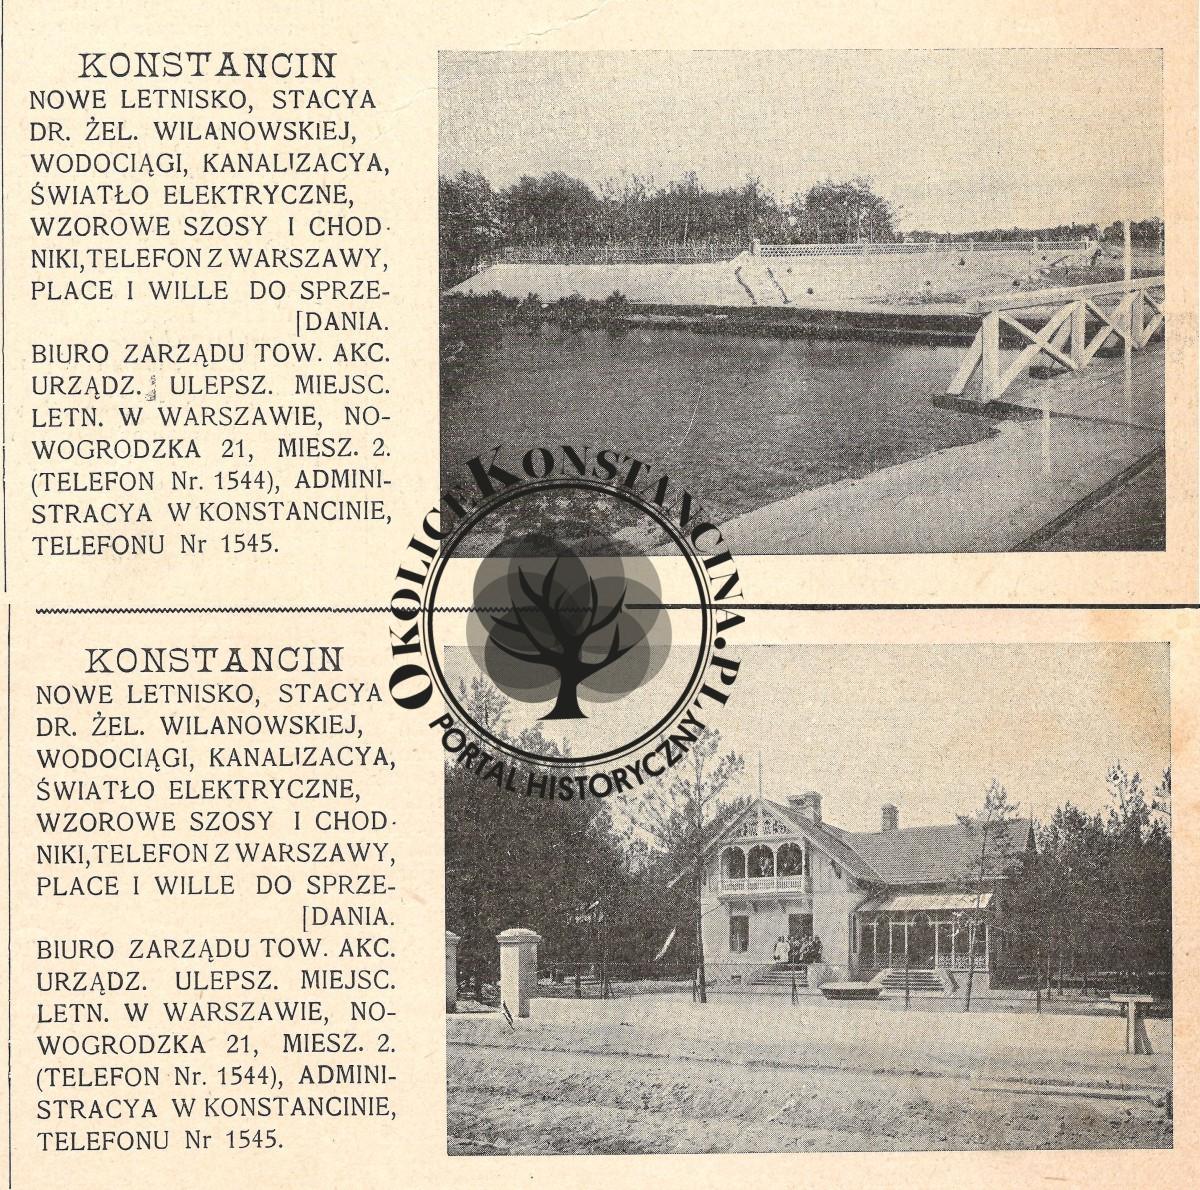 Cykl reklam z Tygodnika Ilustrowanego z 1901 r. (zbiory A.Zyszczyka)